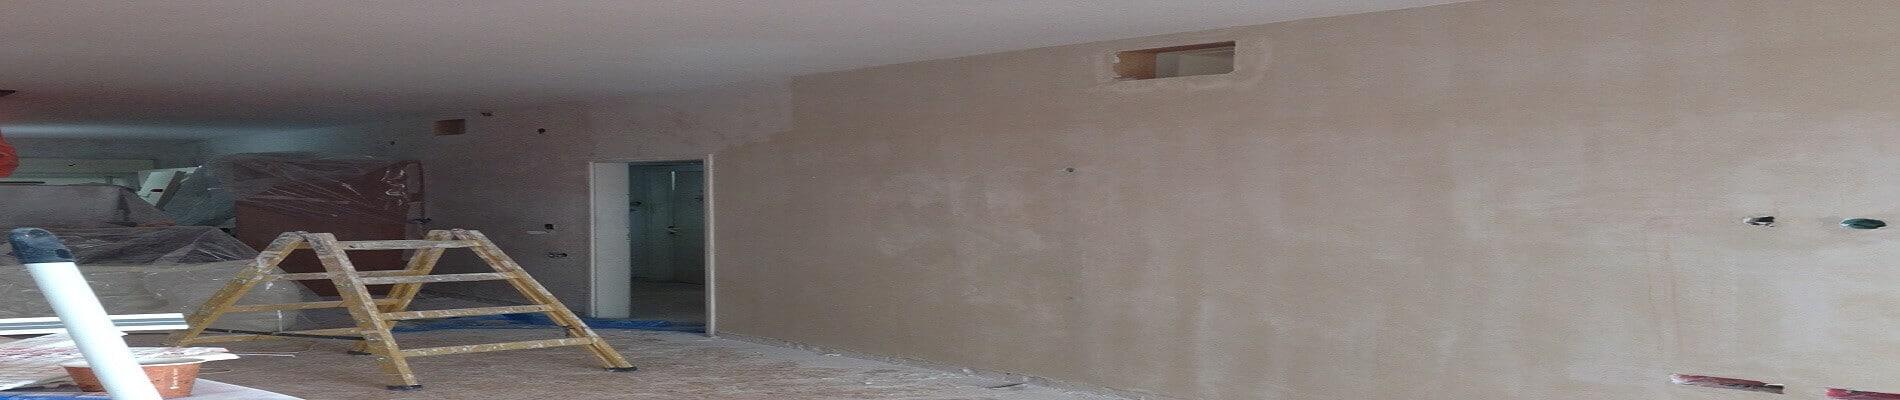 עבודות צבע ושפכטל מלא בקירות